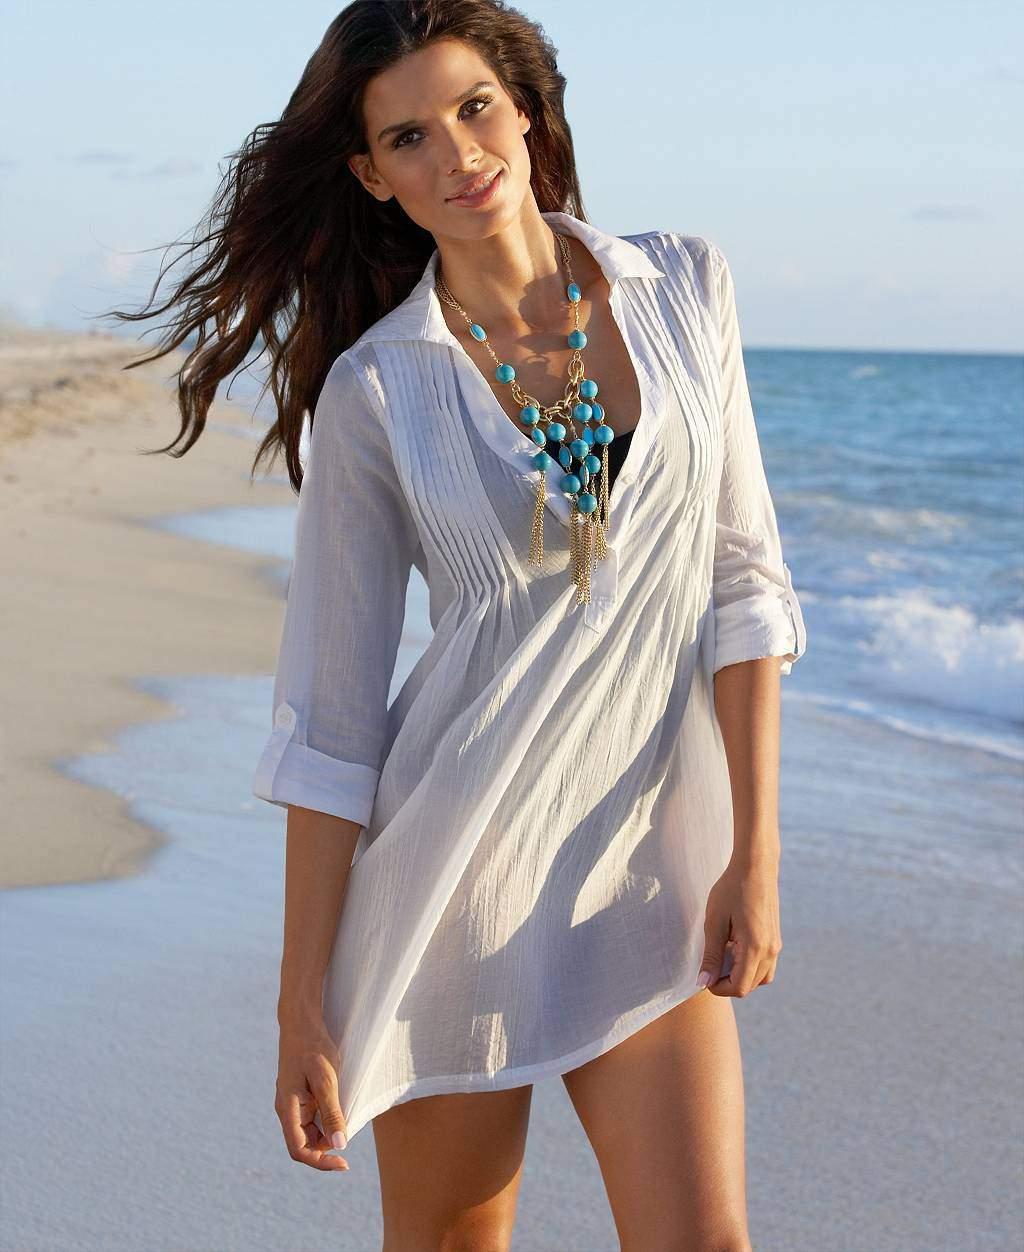 Image result for пляжная одежда